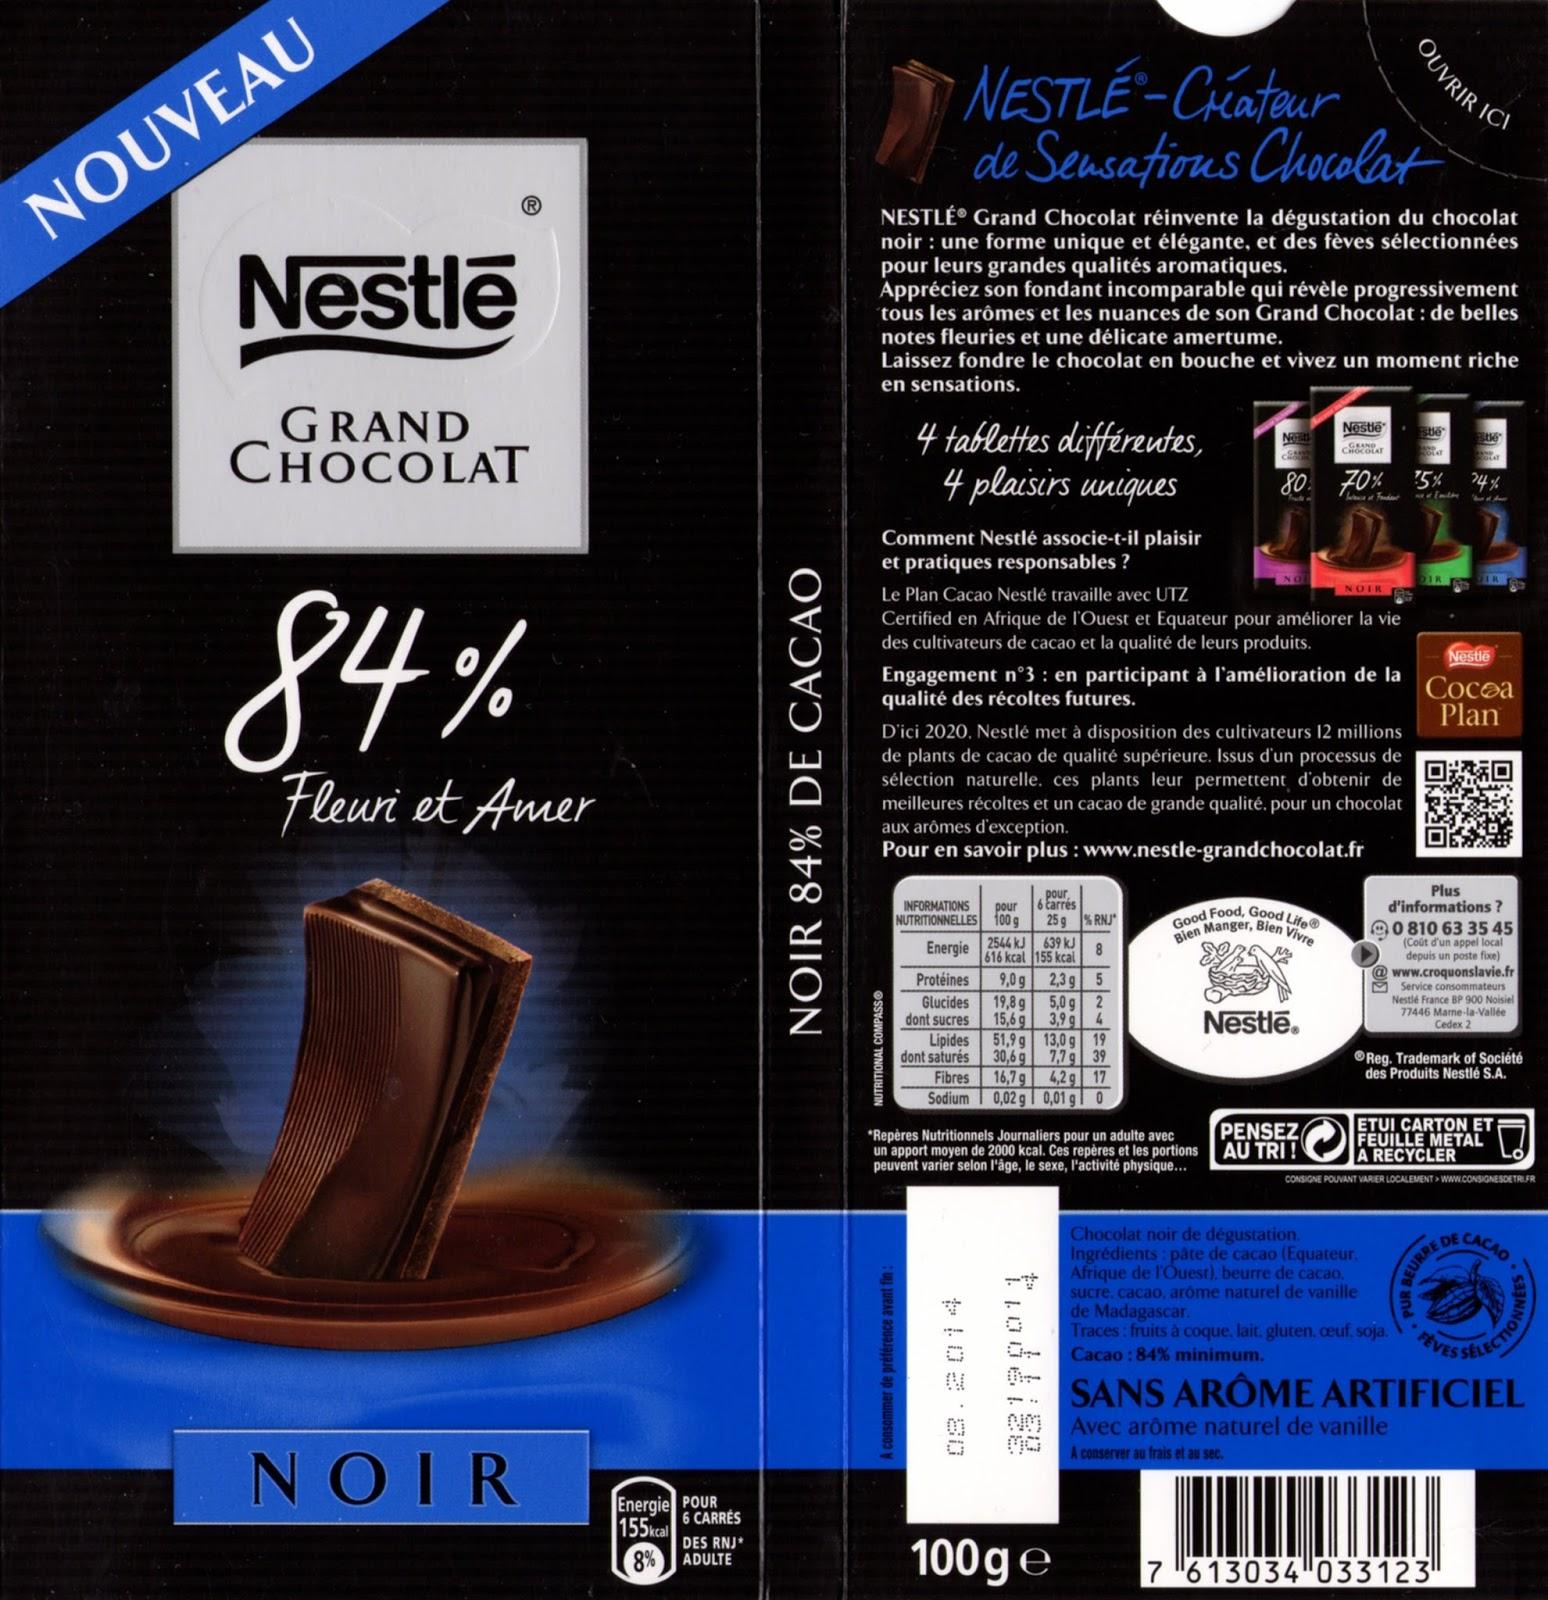 tablette de chocolat noir dégustation nestlé grand chocolat fleuri et amer 84